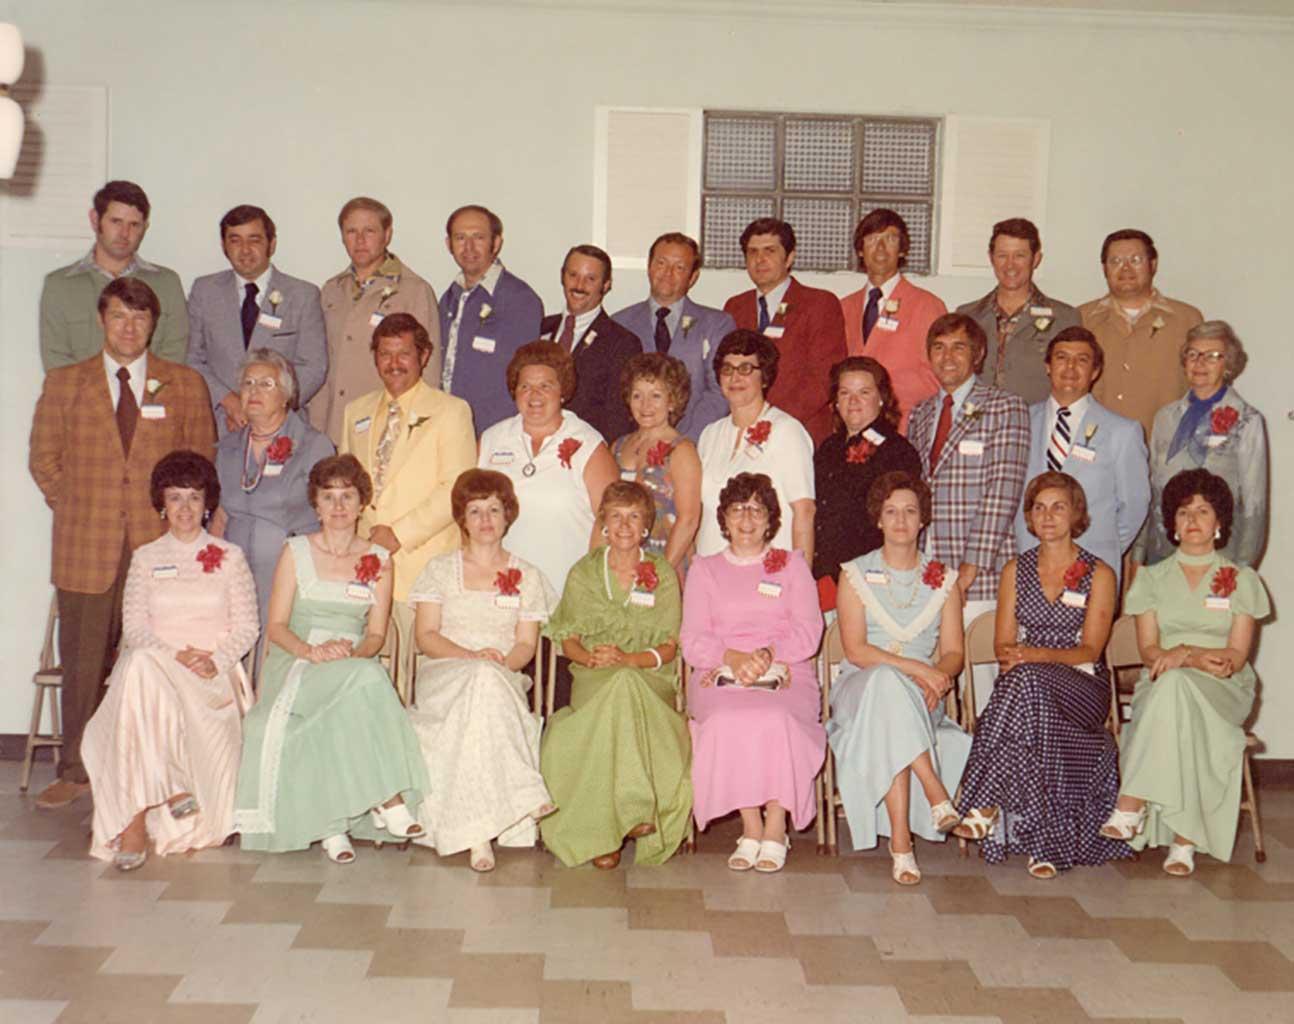 chs-class-1956-reunion-1976img110